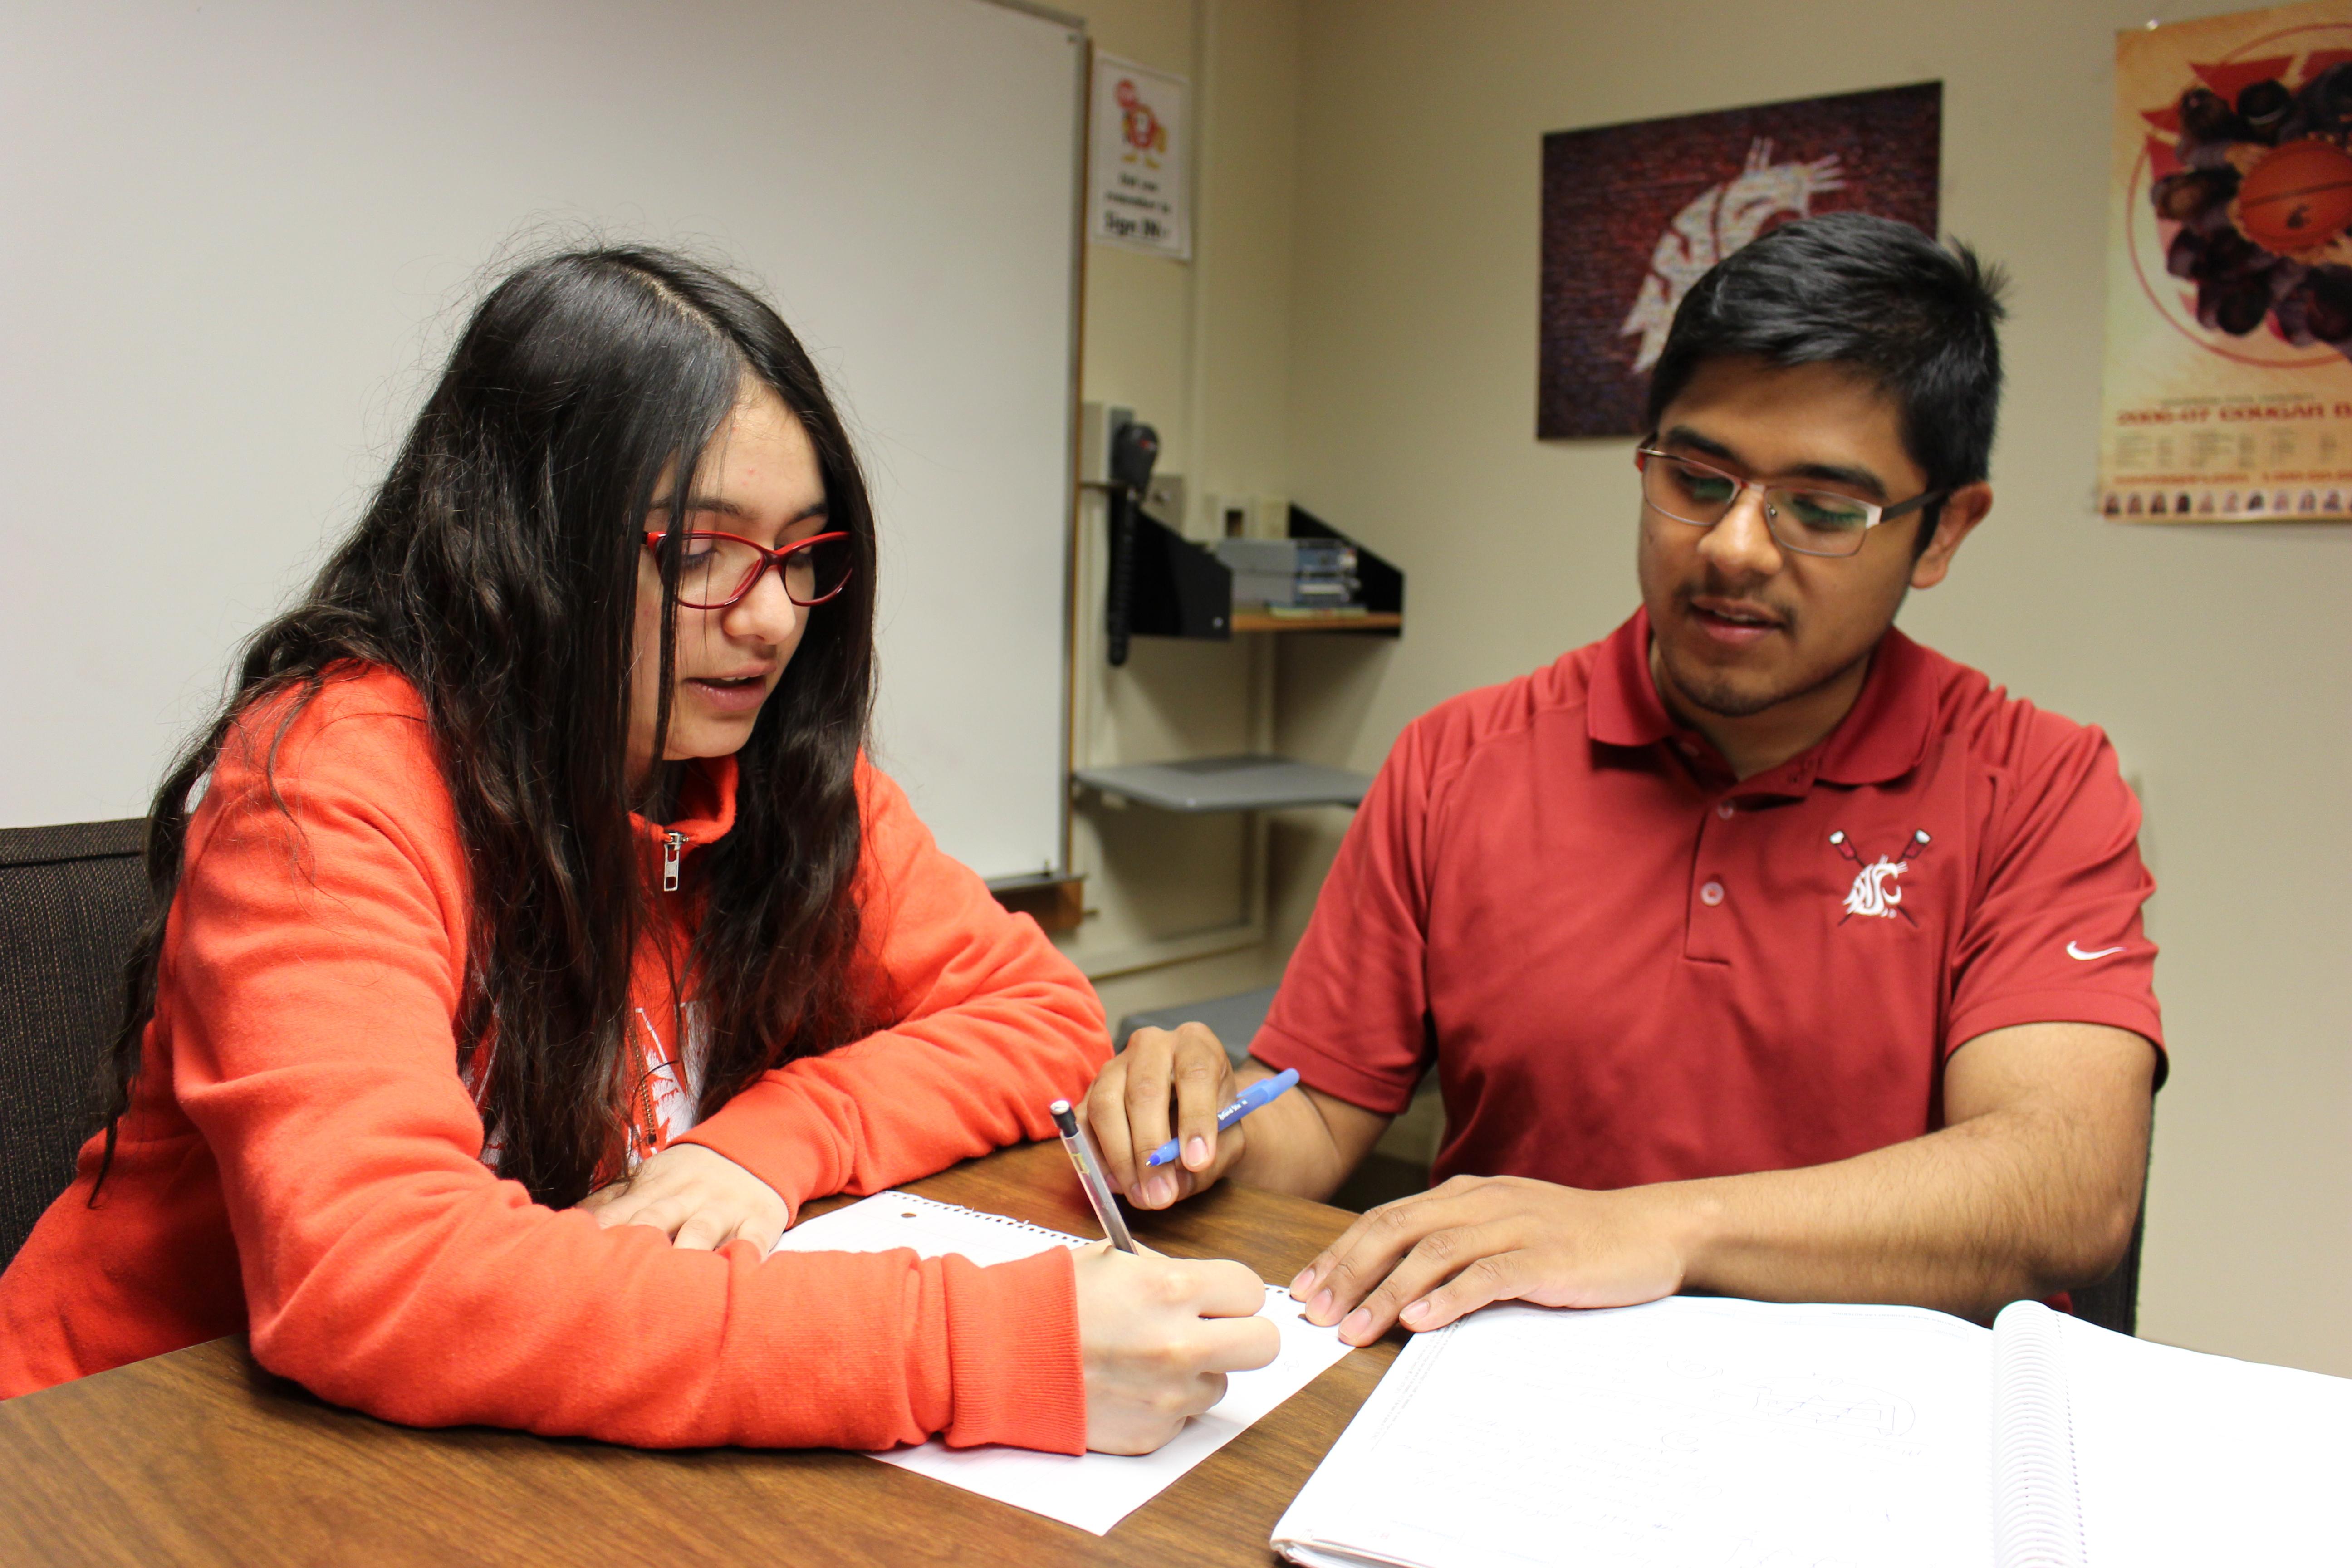 Ramiro Gonzalez mentors another student in WSU's LSAMP Center.